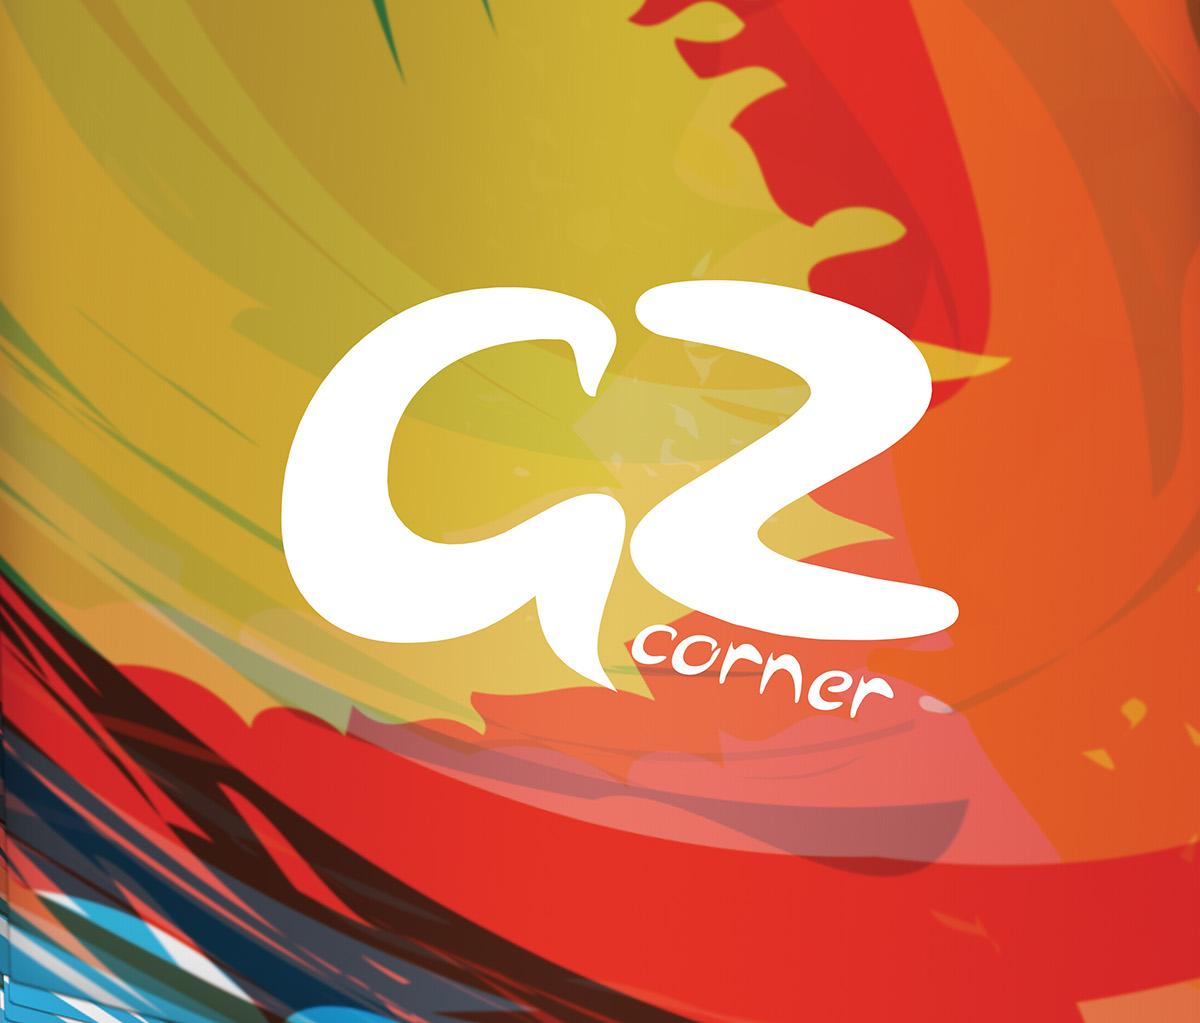 art culture logo GZ